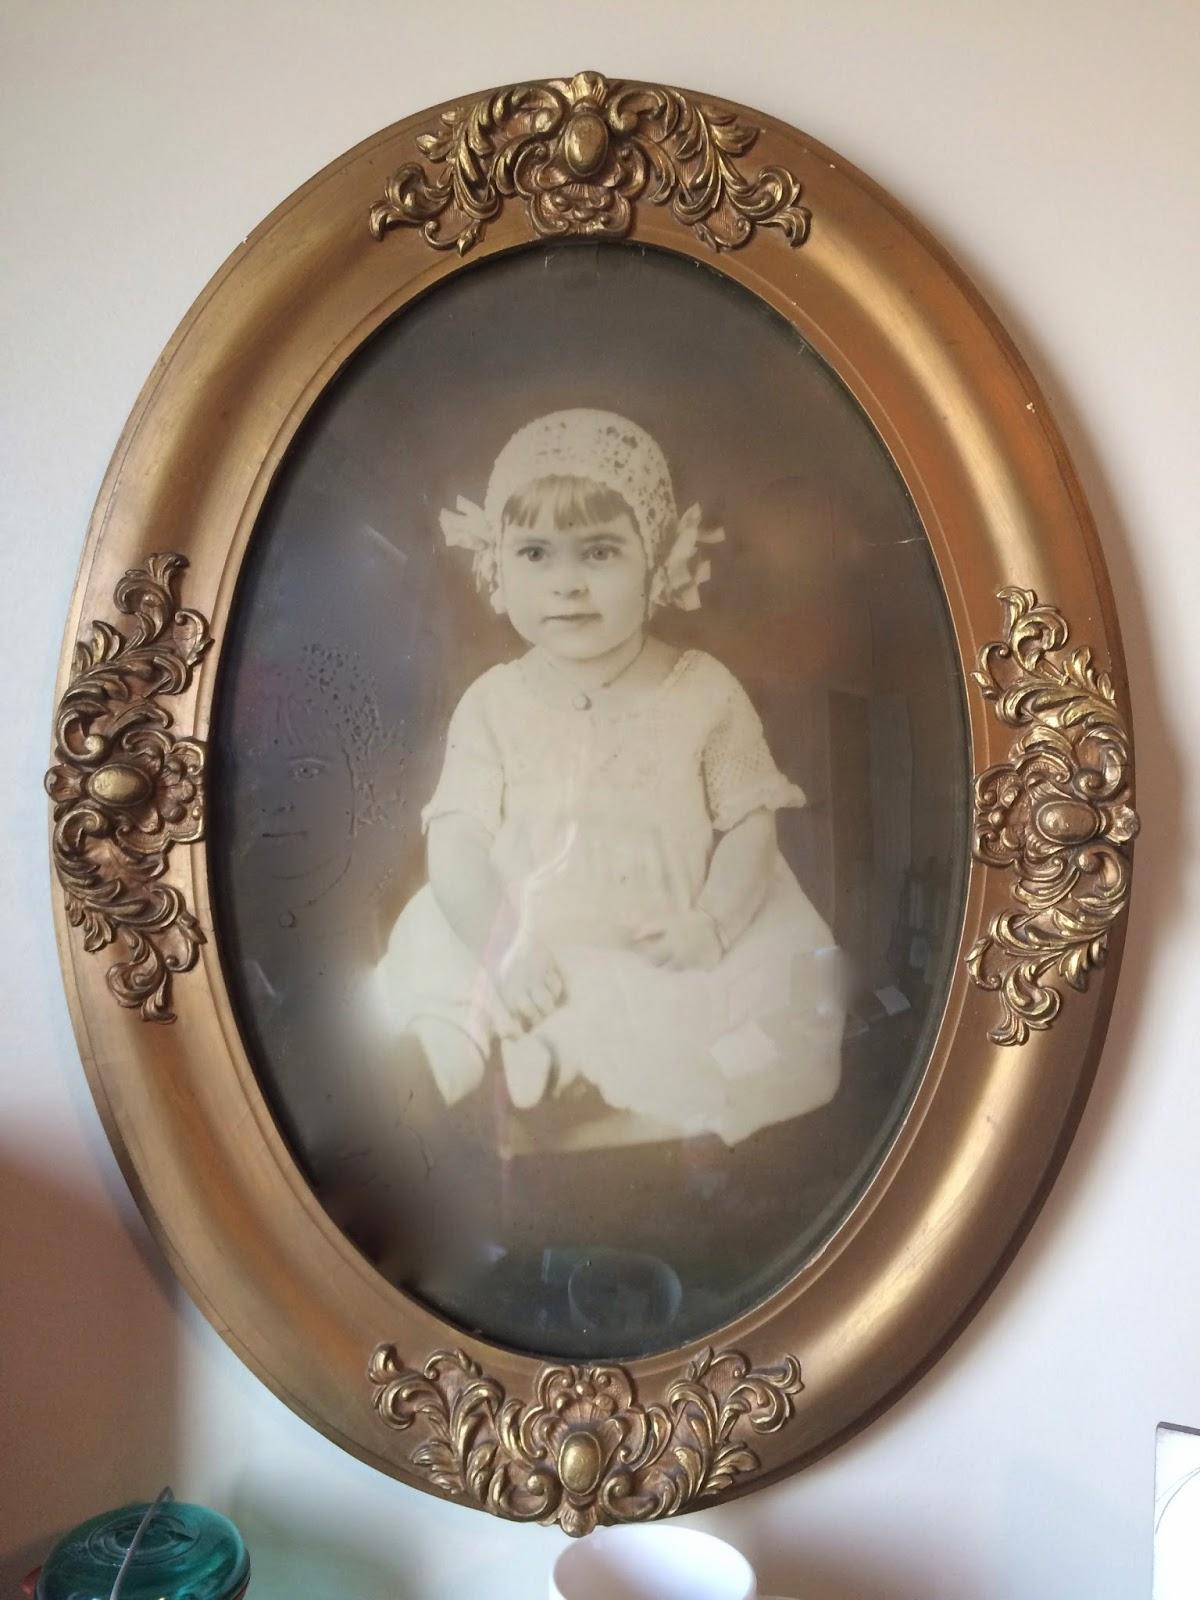 Grandpa's baby photo